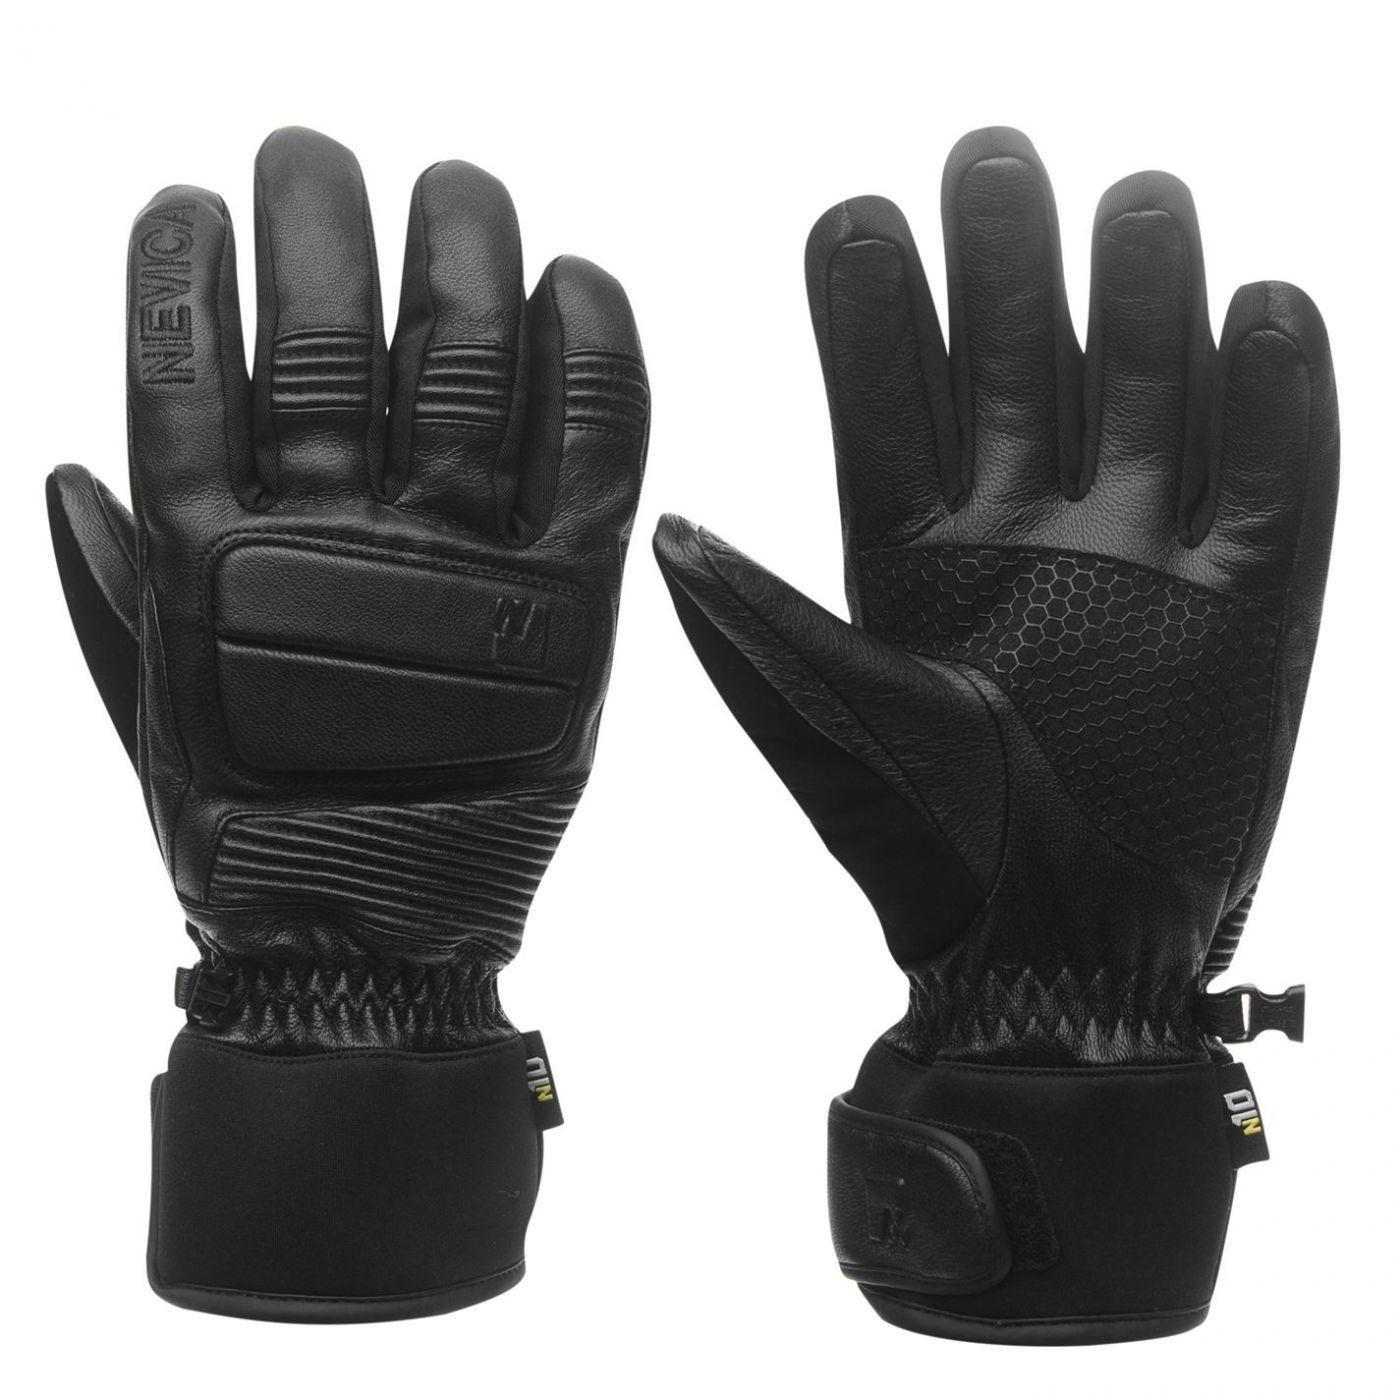 Nevica Banff Ski Gloves Mens